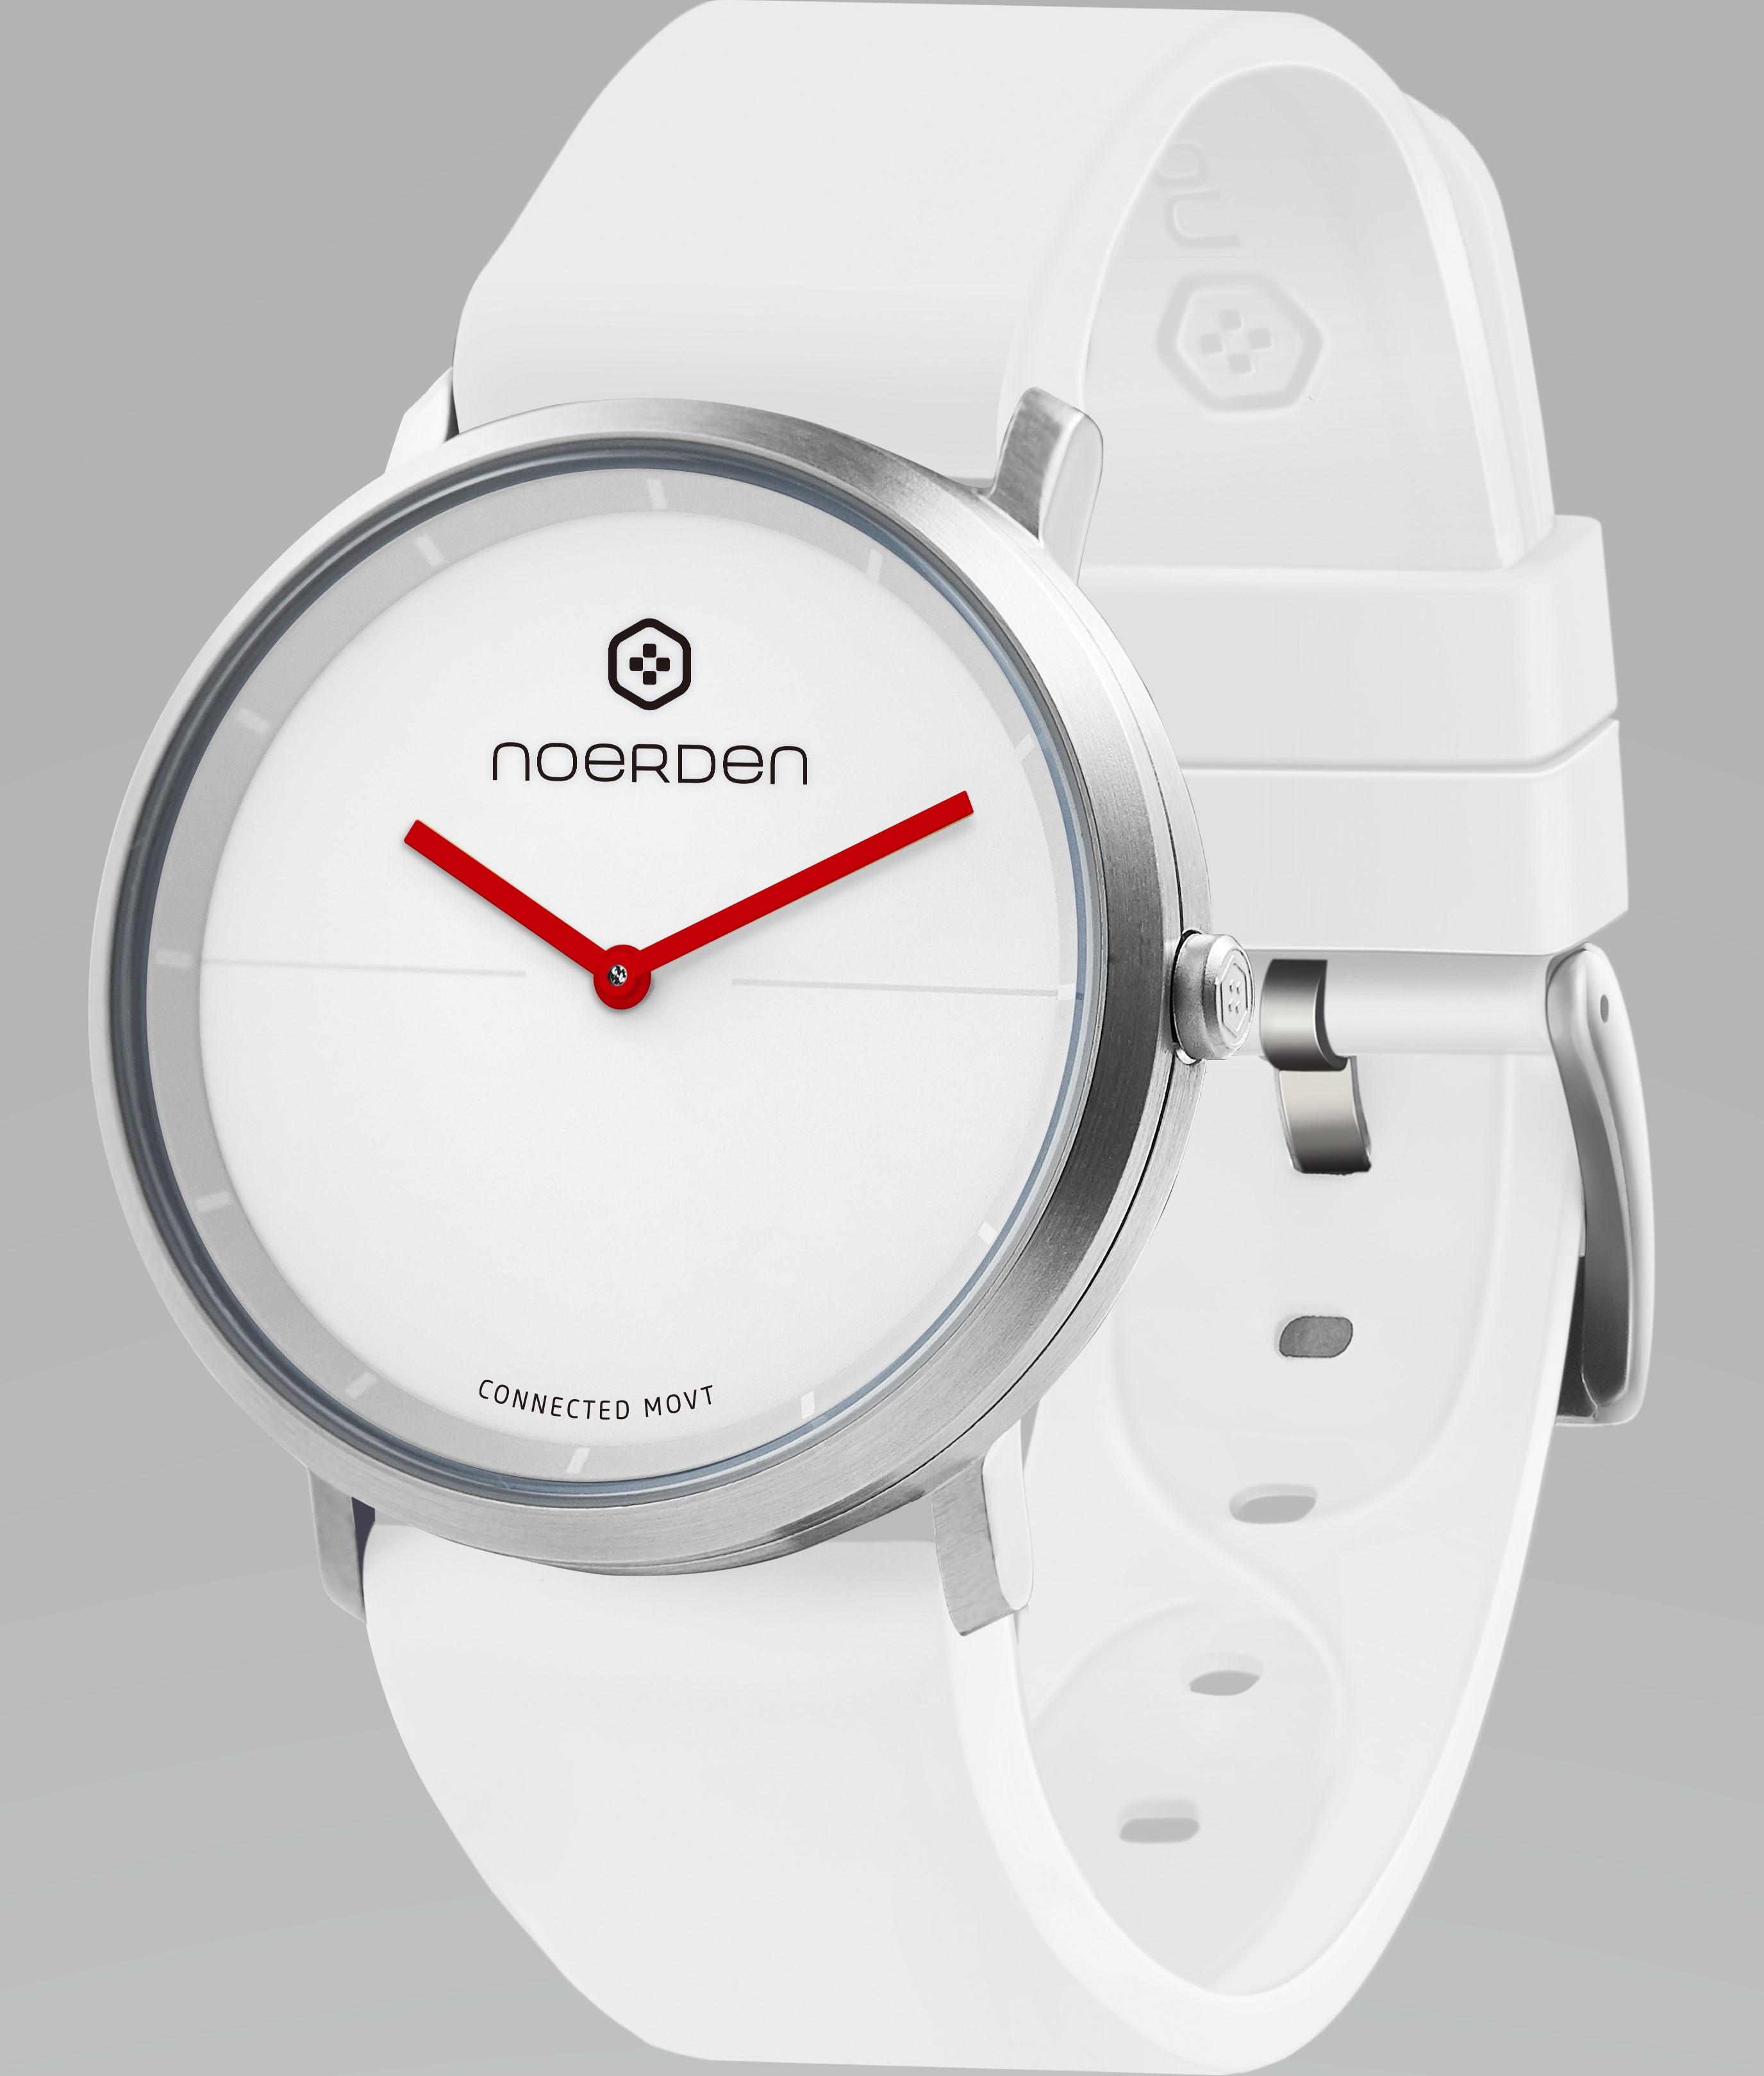 NOERDEN LIFE2 WHITE + dāvanā papildus siksniņa Viedais pulkstenis, smartwatch